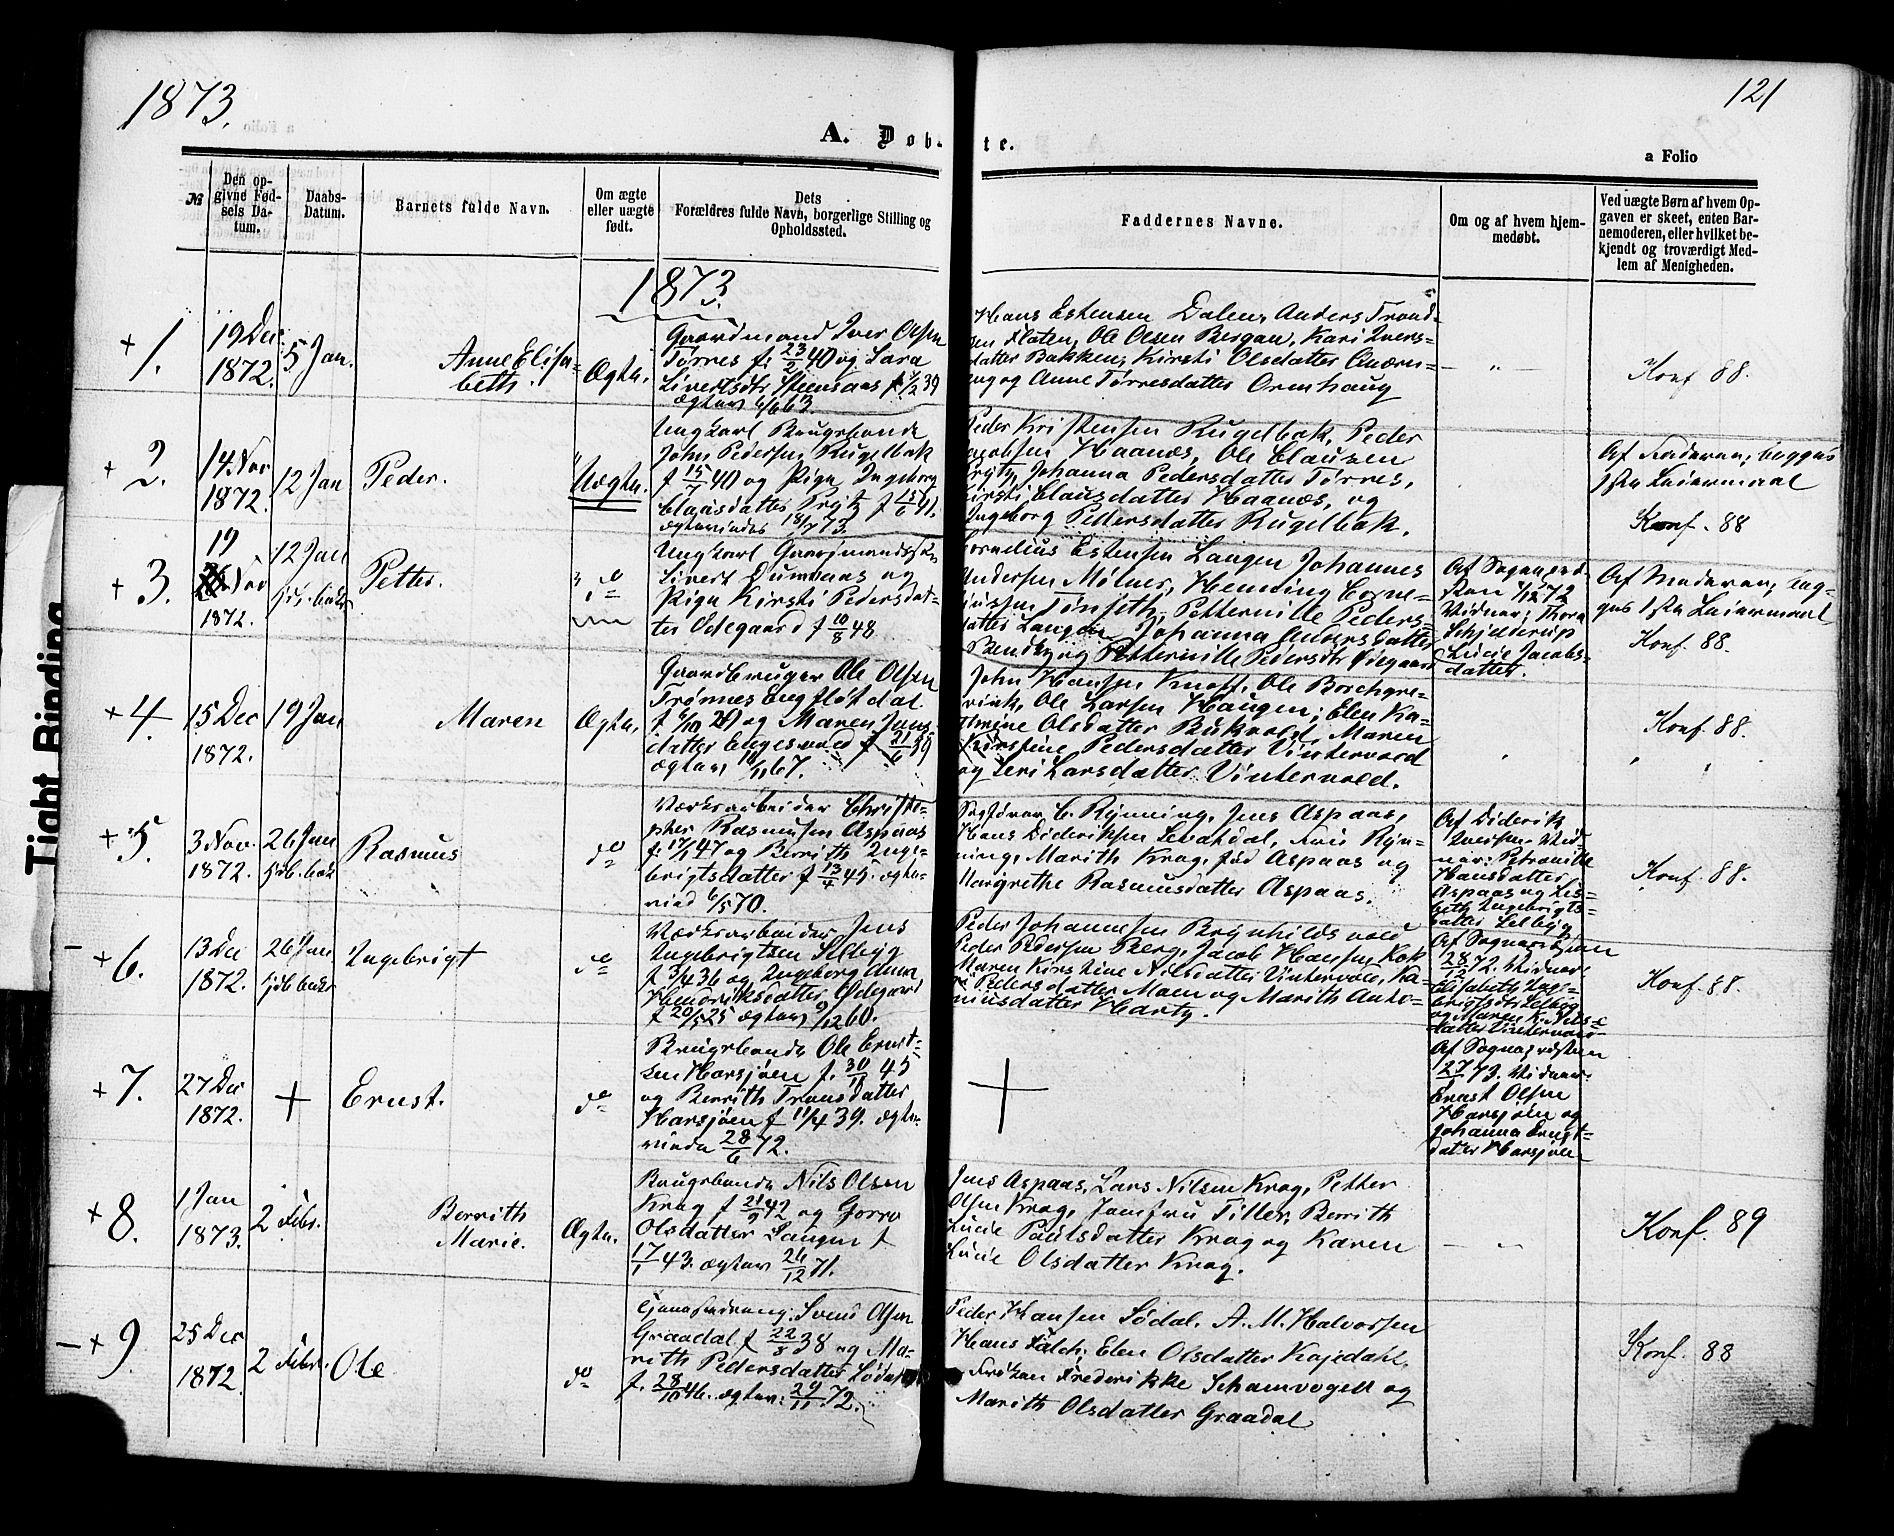 SAT, Ministerialprotokoller, klokkerbøker og fødselsregistre - Sør-Trøndelag, 681/L0932: Ministerialbok nr. 681A10, 1860-1878, s. 121